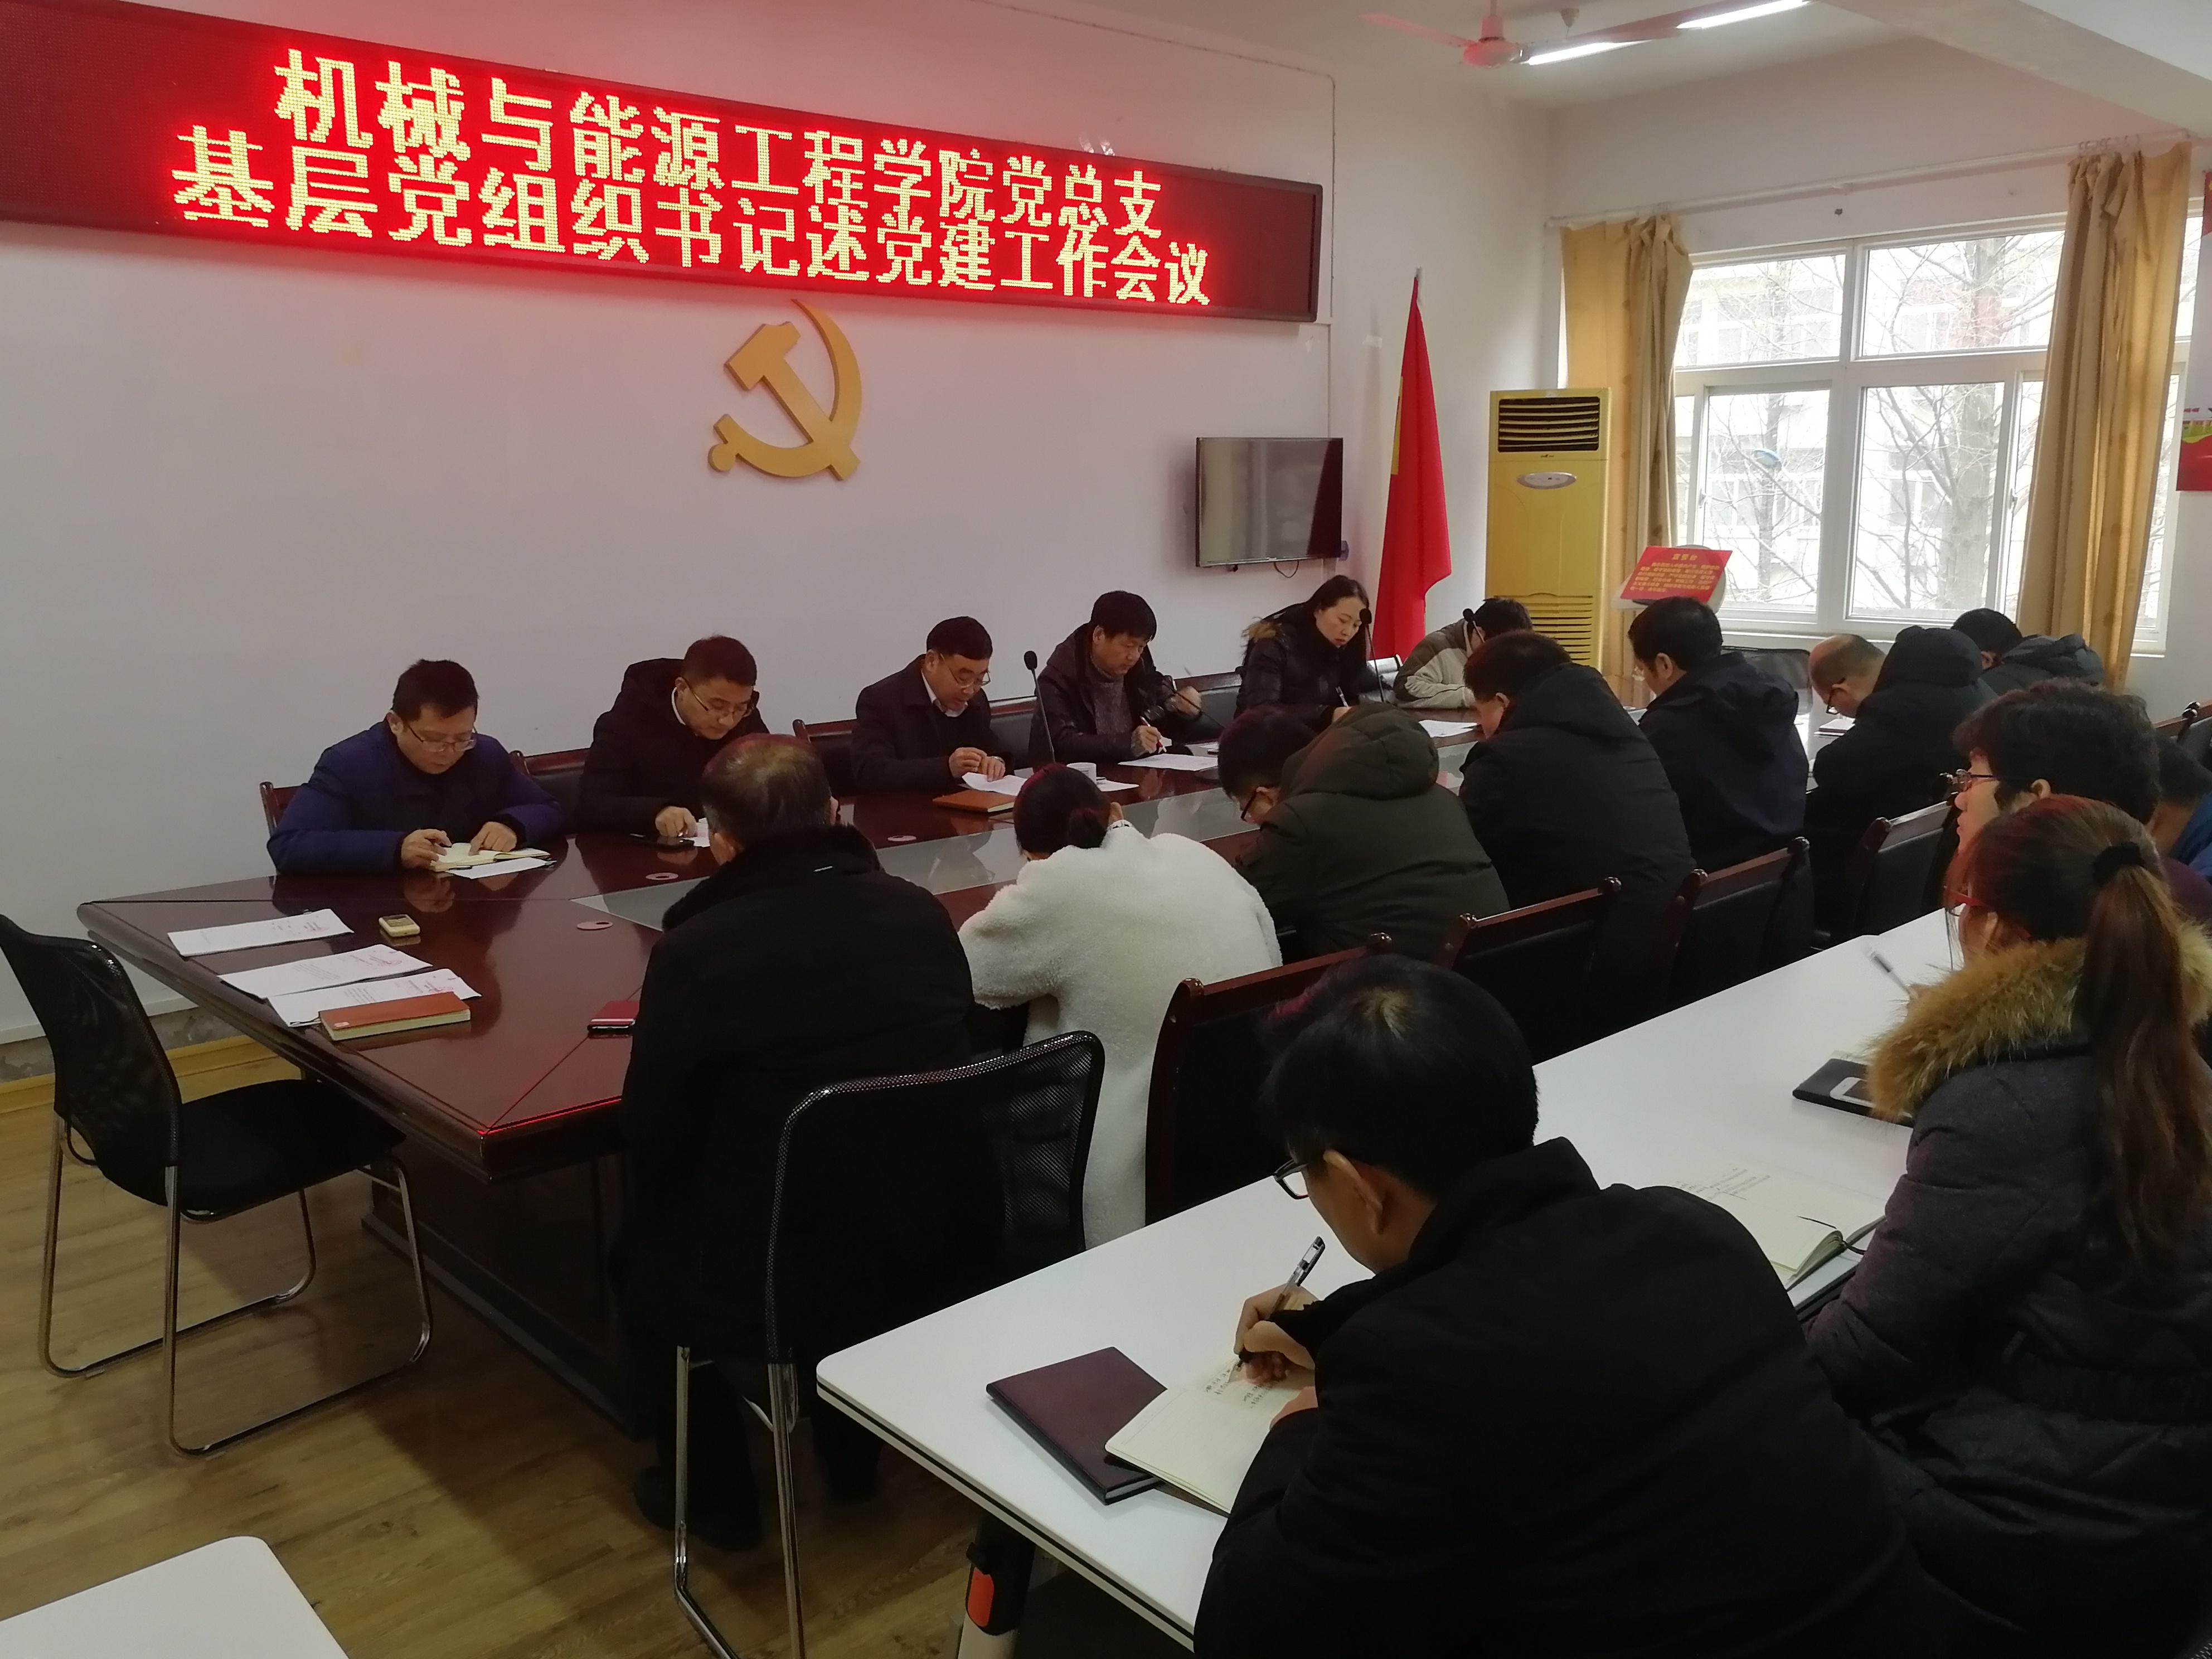 机械与能源工程学院召开2019年度基层党组织书记述党建工作会议